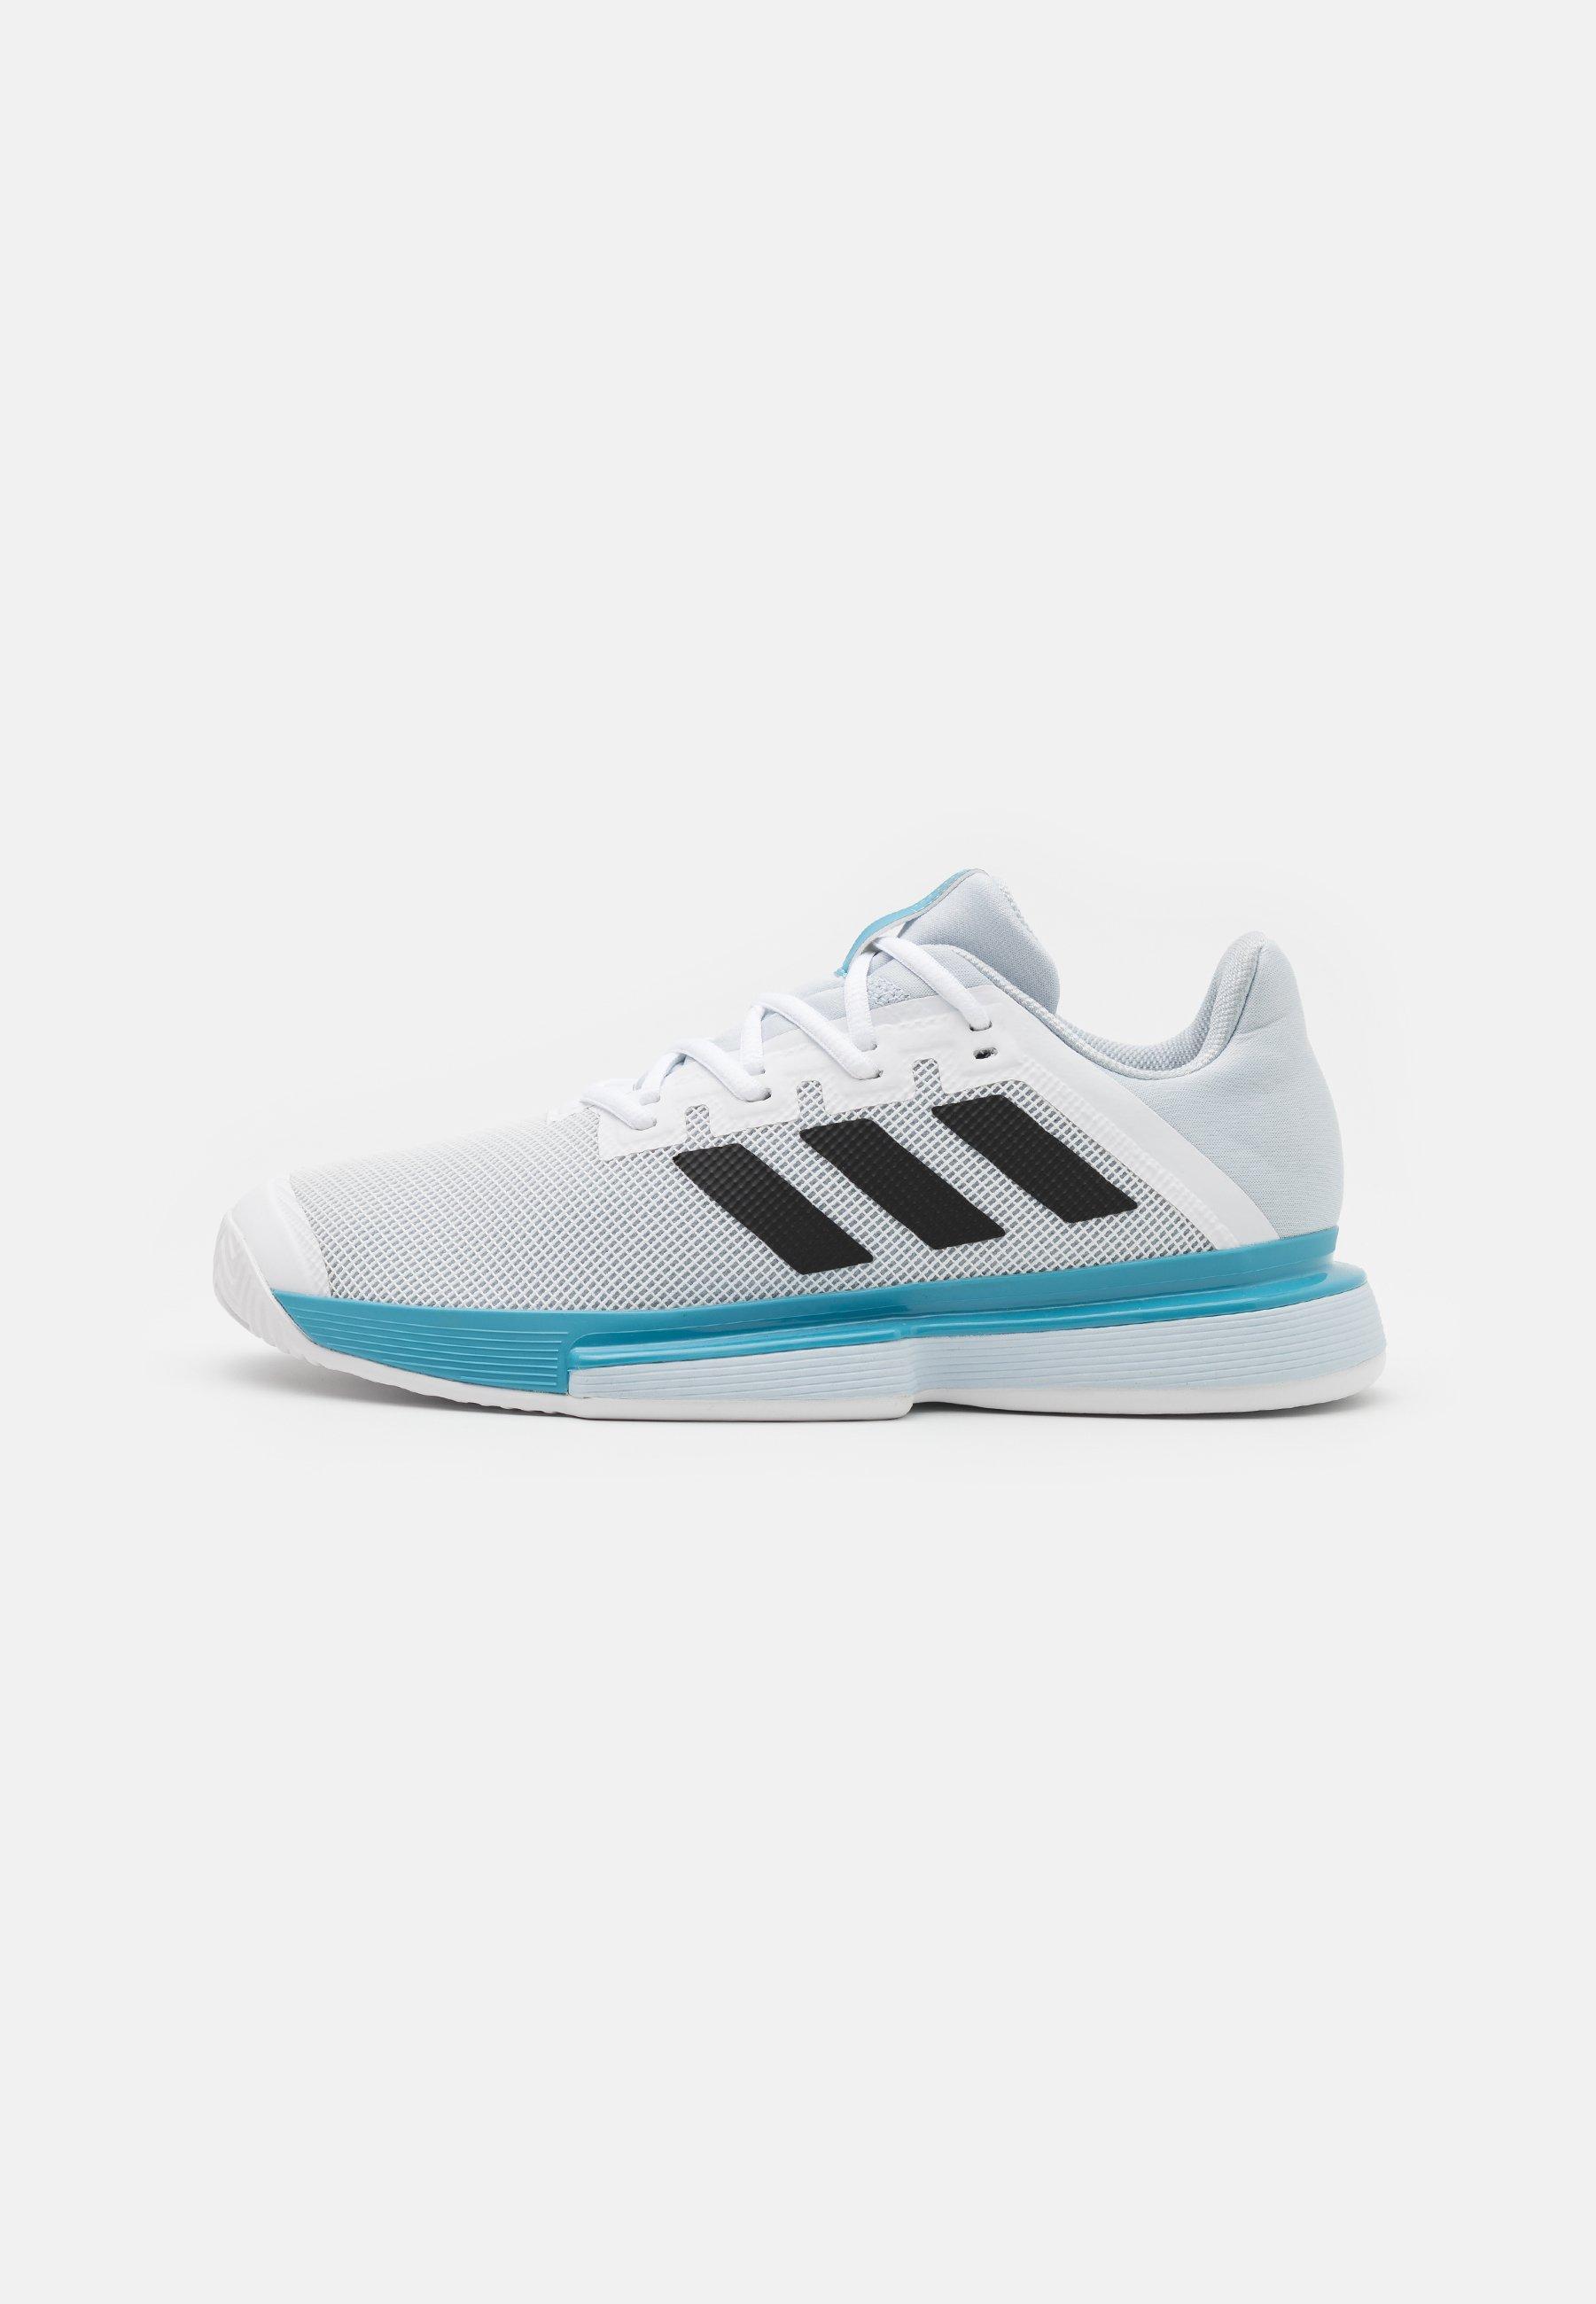 Men SOLEMATCH BOUNCE - Multicourt tennis shoes